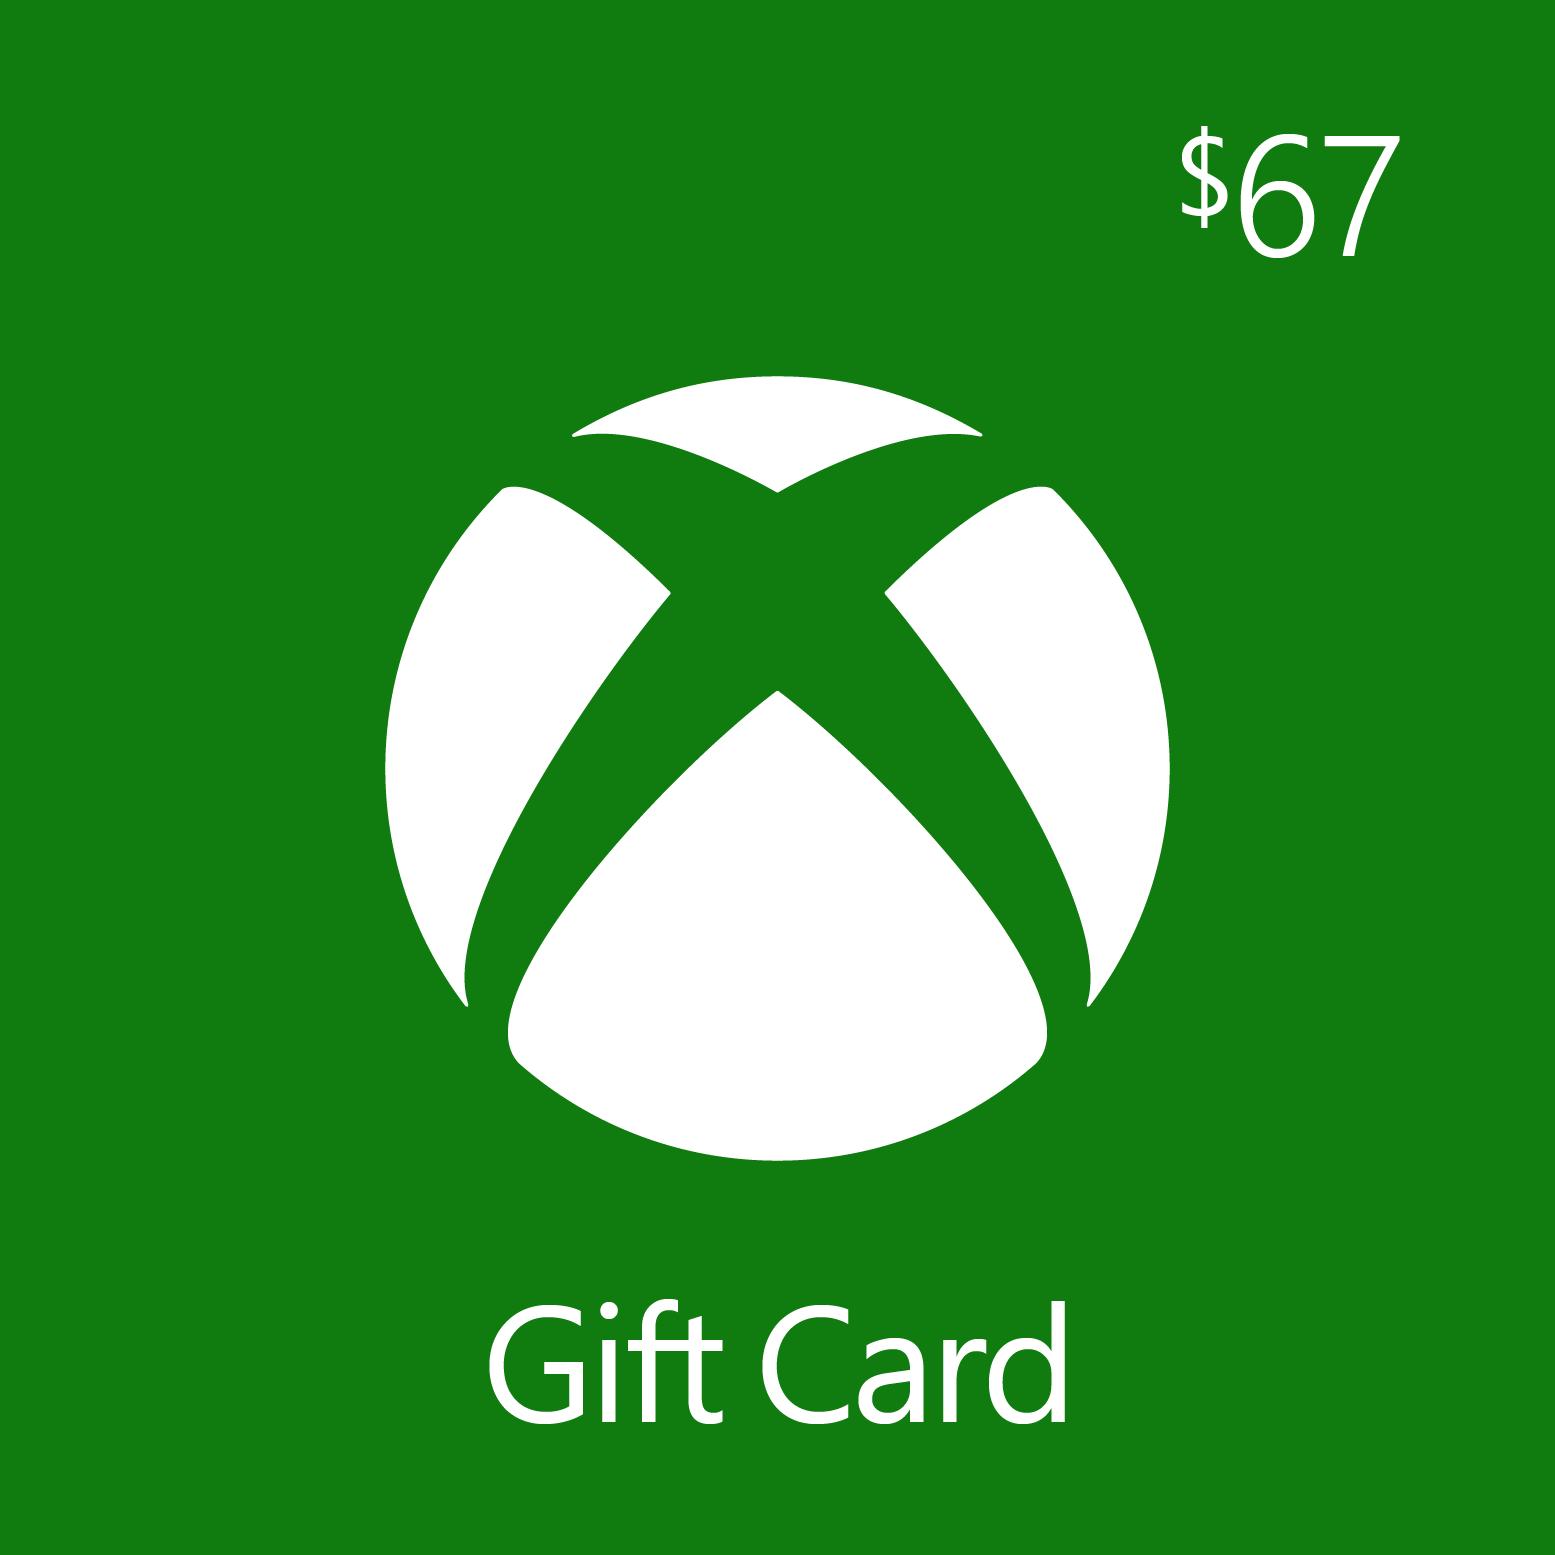 $67.00 Xbox Digital Gift Card